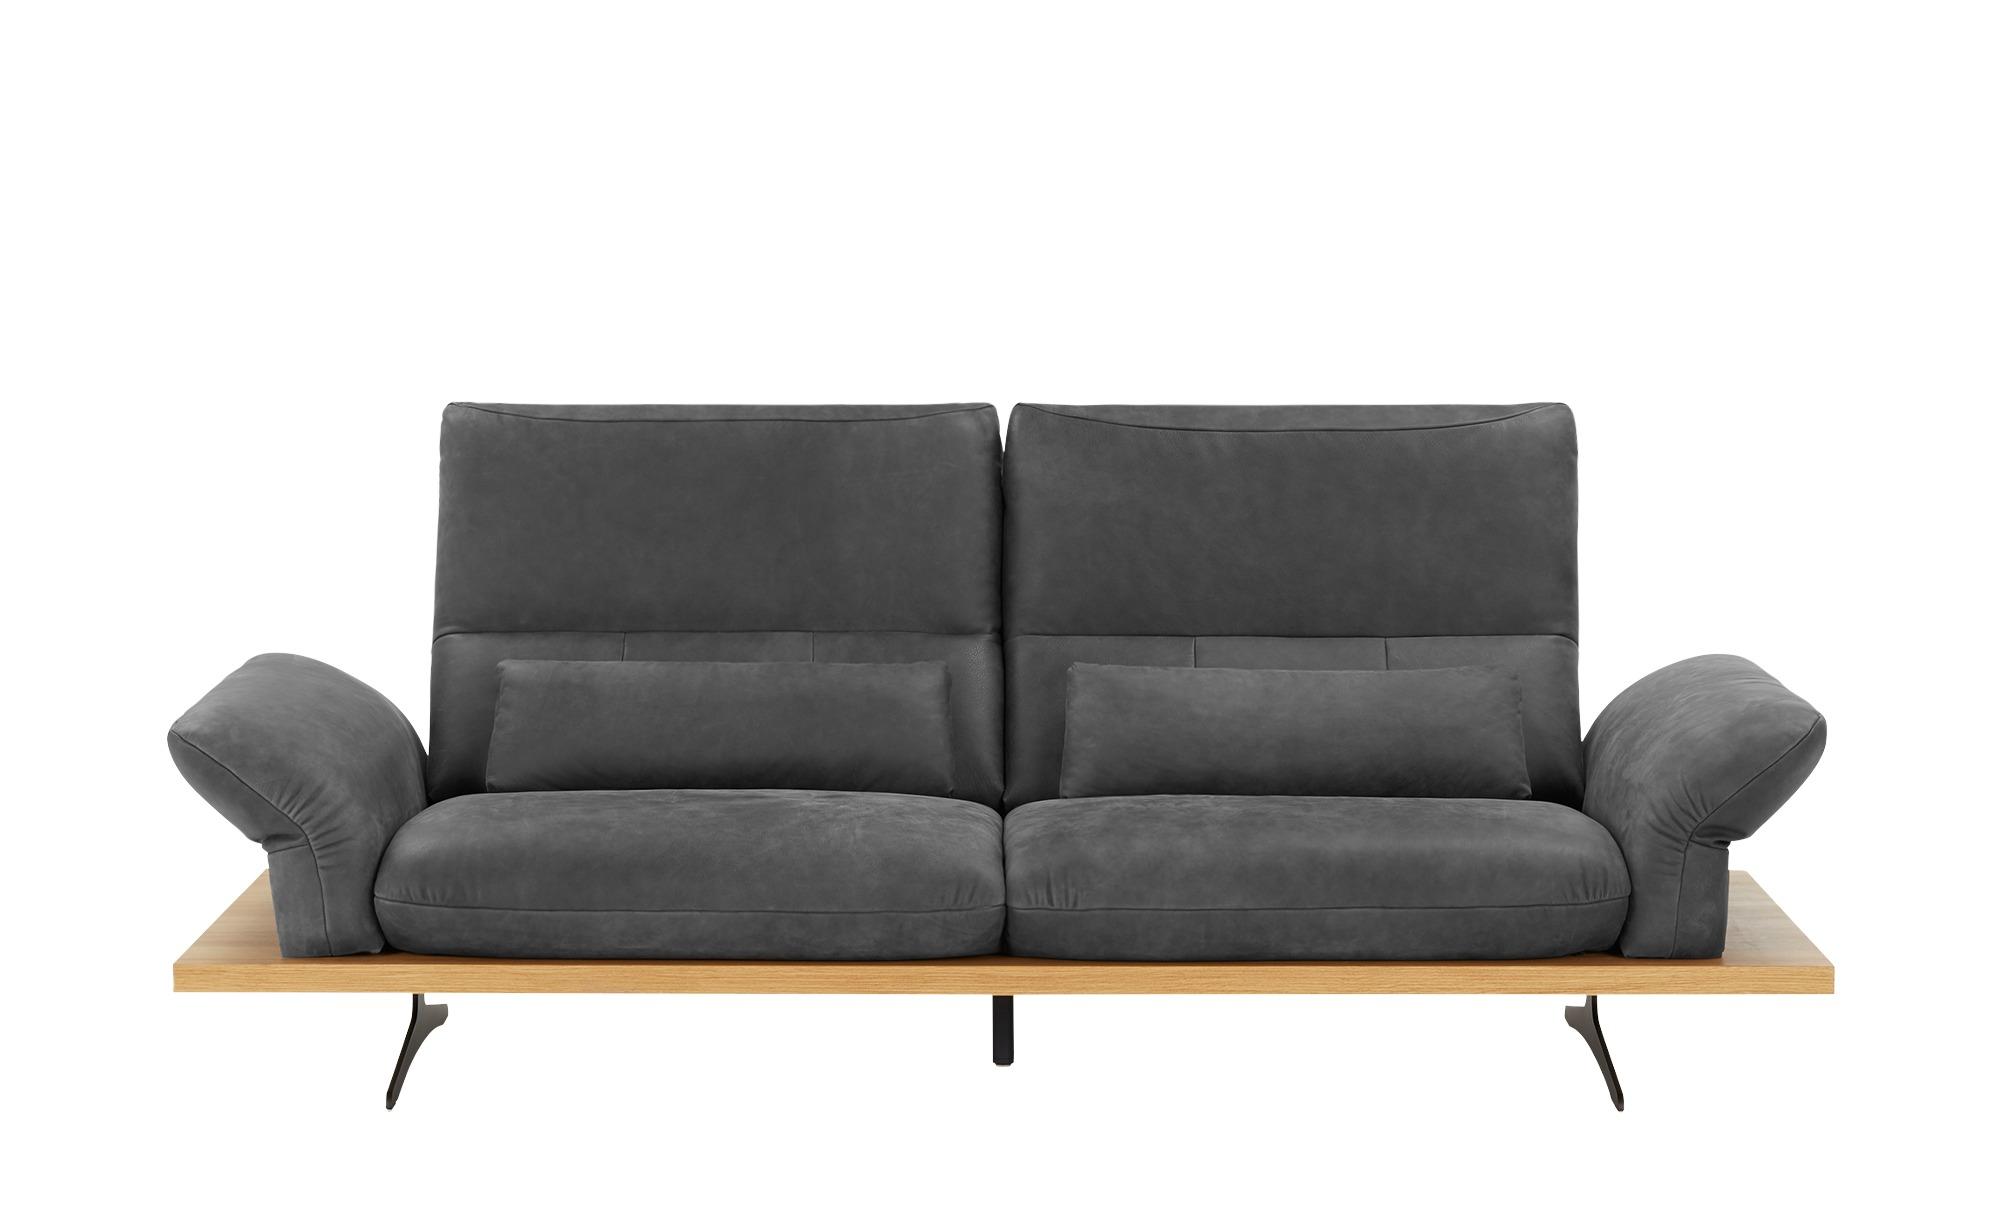 W.SCHILLIG Leder Sofa  Imperia ¦ grau ¦ Maße (cm): B: 240 H: 71 T: 99 Polstermöbel > Sofas > Einzelsofas - Höffner